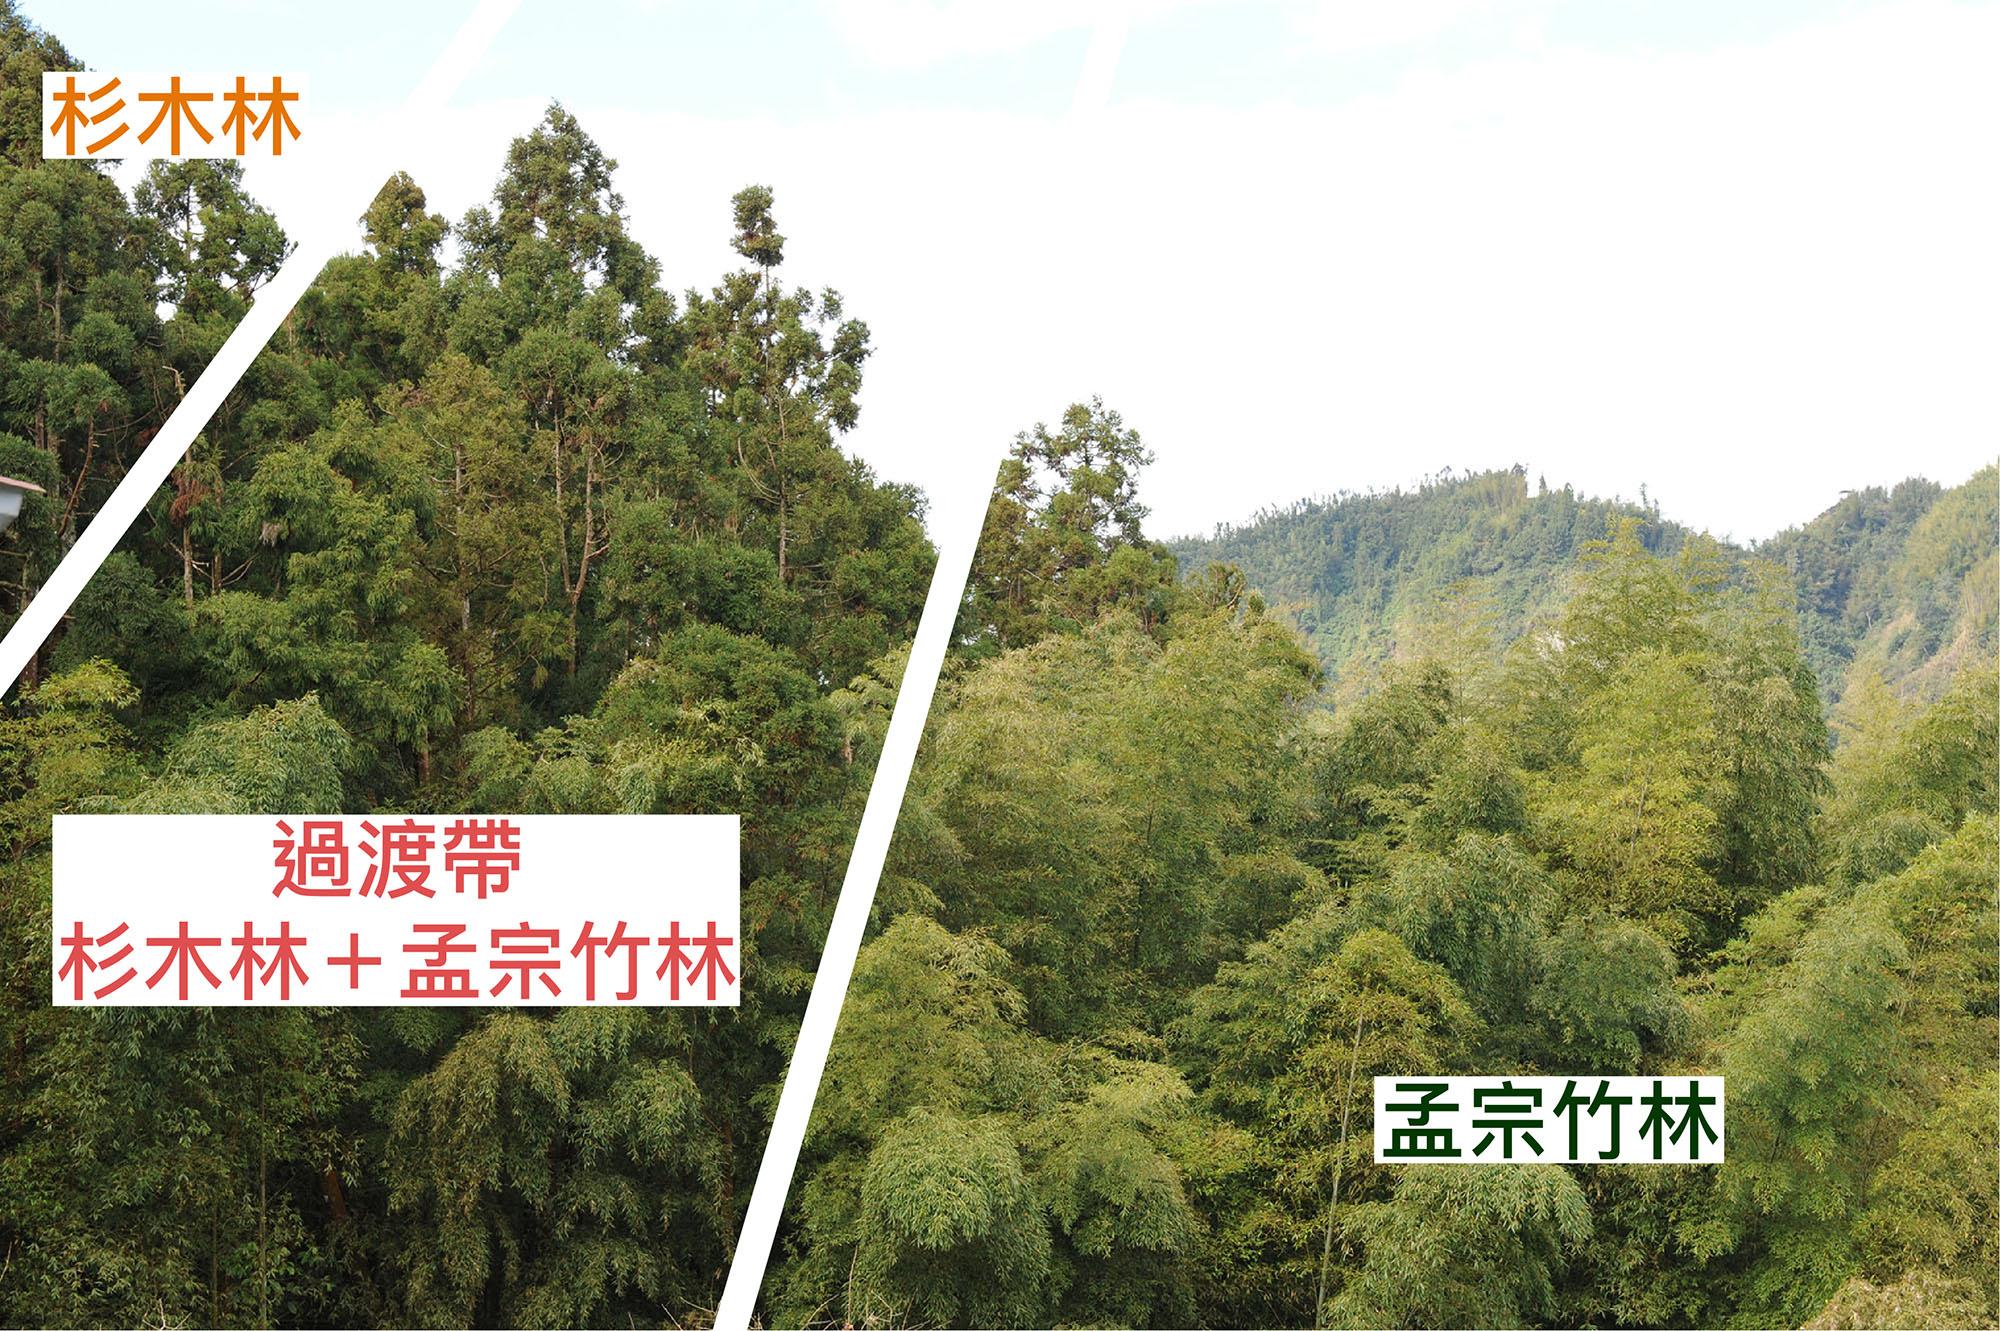 孟宗竹林侵入鄰近的杉木或闊葉林,是臺灣山區常見的景象。圖│研之有物、廖英凱 (資料來源│邱志郁 / 溪頭羊彎)